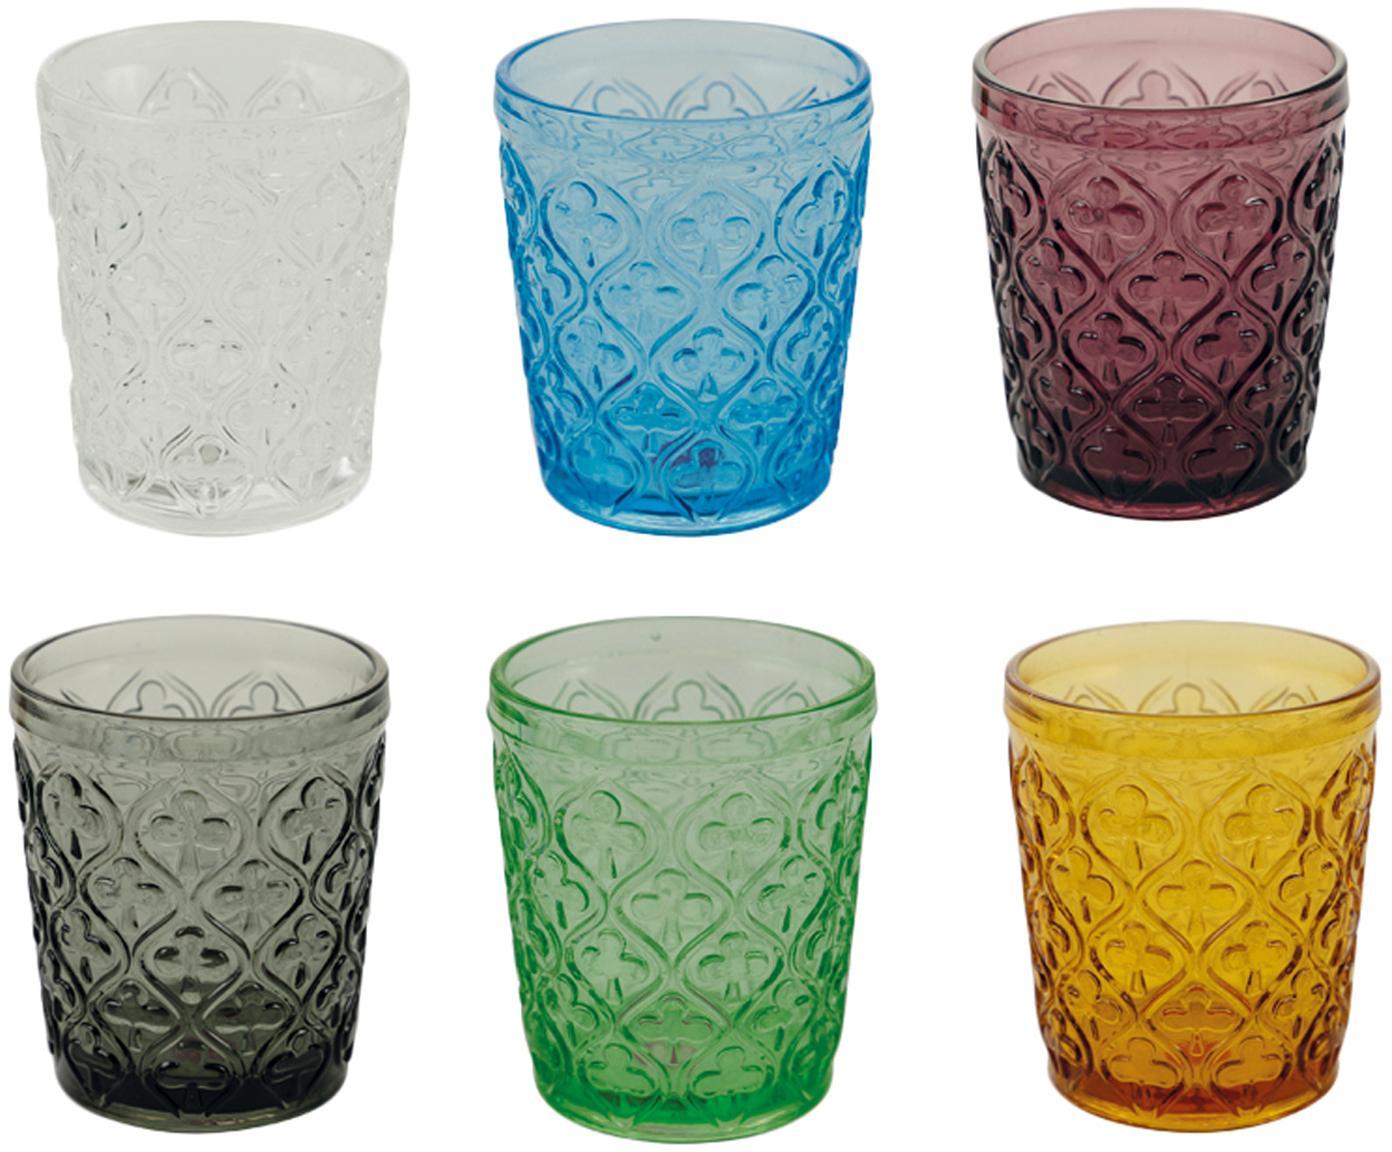 Komplet kolorowych szklanek do wody Marrakech, 6 elem., Szkło, Niebieski, purpurowy, szary, zielony, żółty, transparentny, Ø 8 x W 10 cm